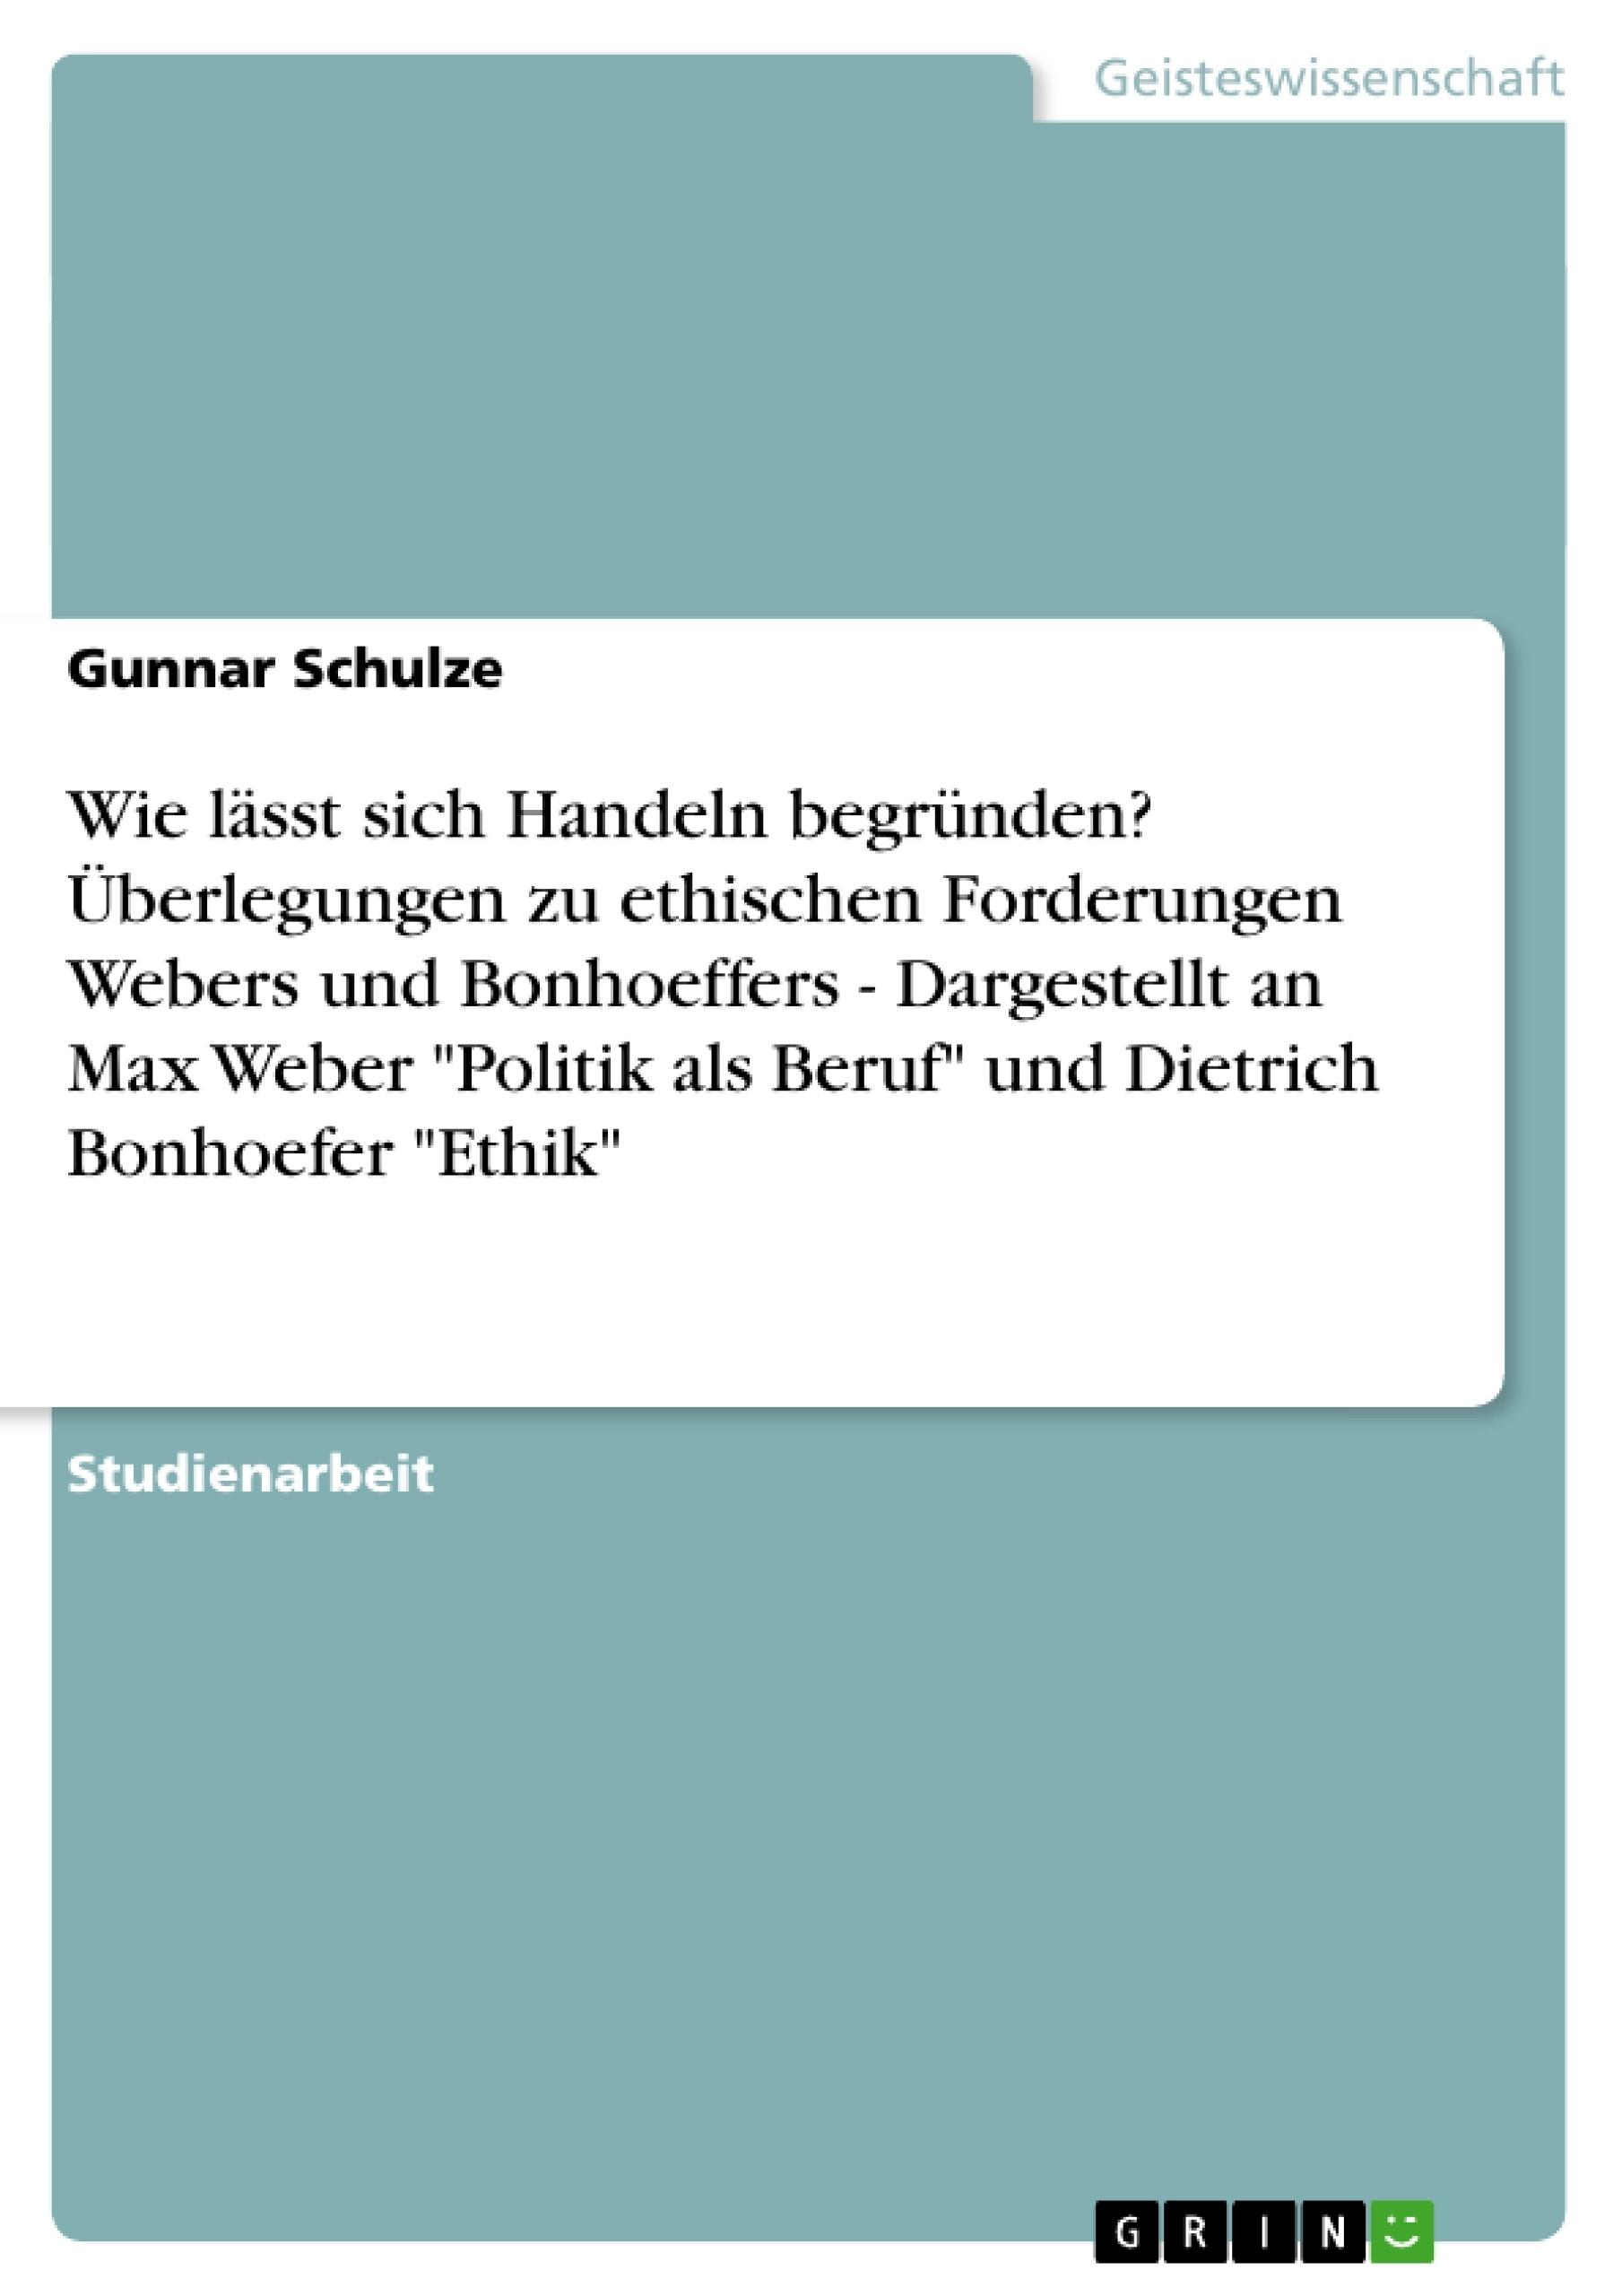 """Titel: Wie lässt sich Handeln begründen? Überlegungen zu ethischen Forderungen Webers und Bonhoeffers  -   Dargestellt an Max Weber """"Politik als Beruf"""" und Dietrich Bonhoefer """"Ethik"""""""